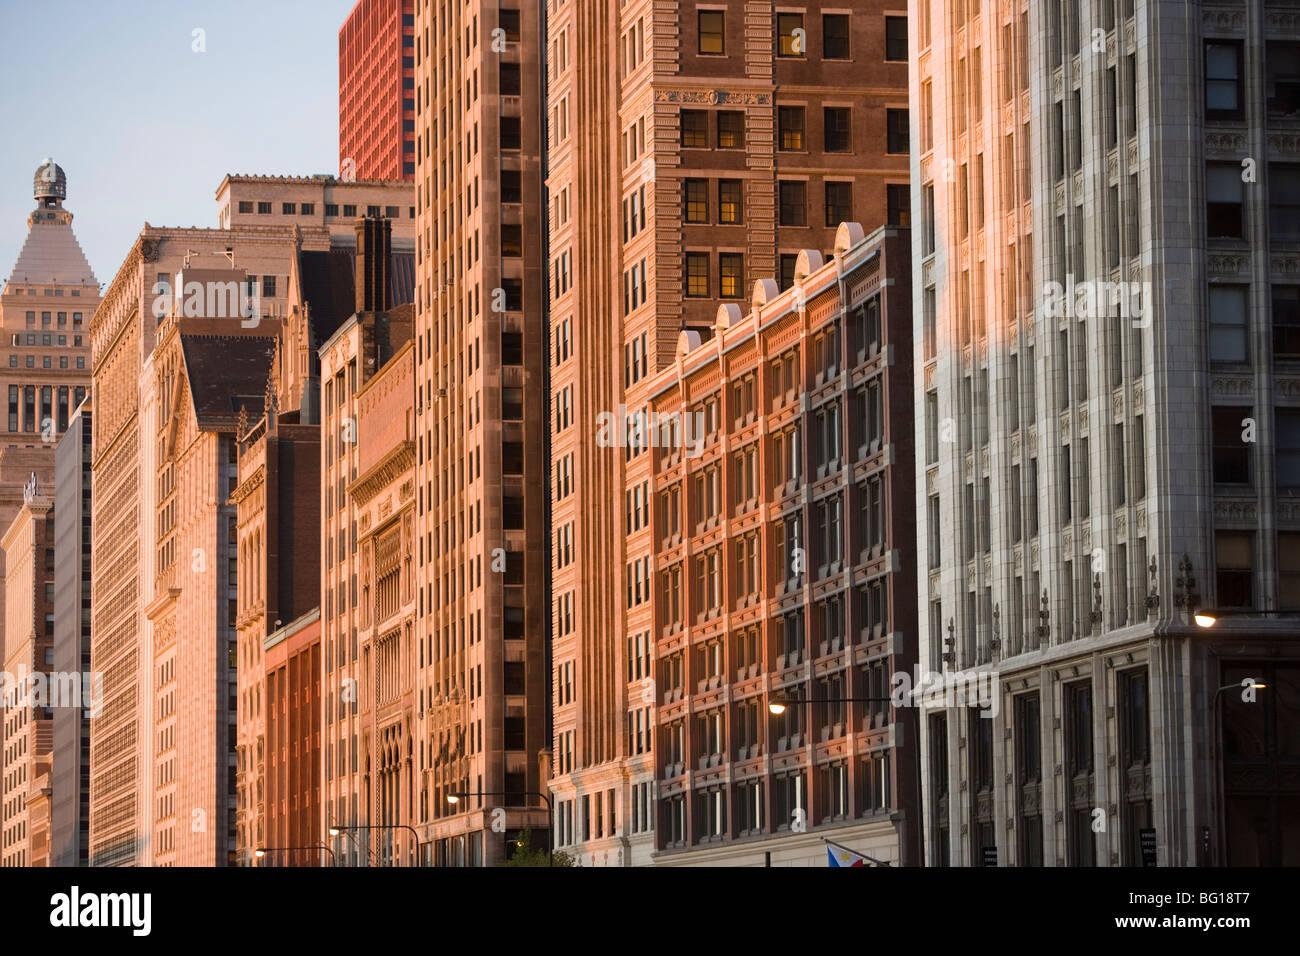 Michigan Avenue, Chicago, Illinois, États-Unis d'Amérique, Amérique du Nord Photo Stock